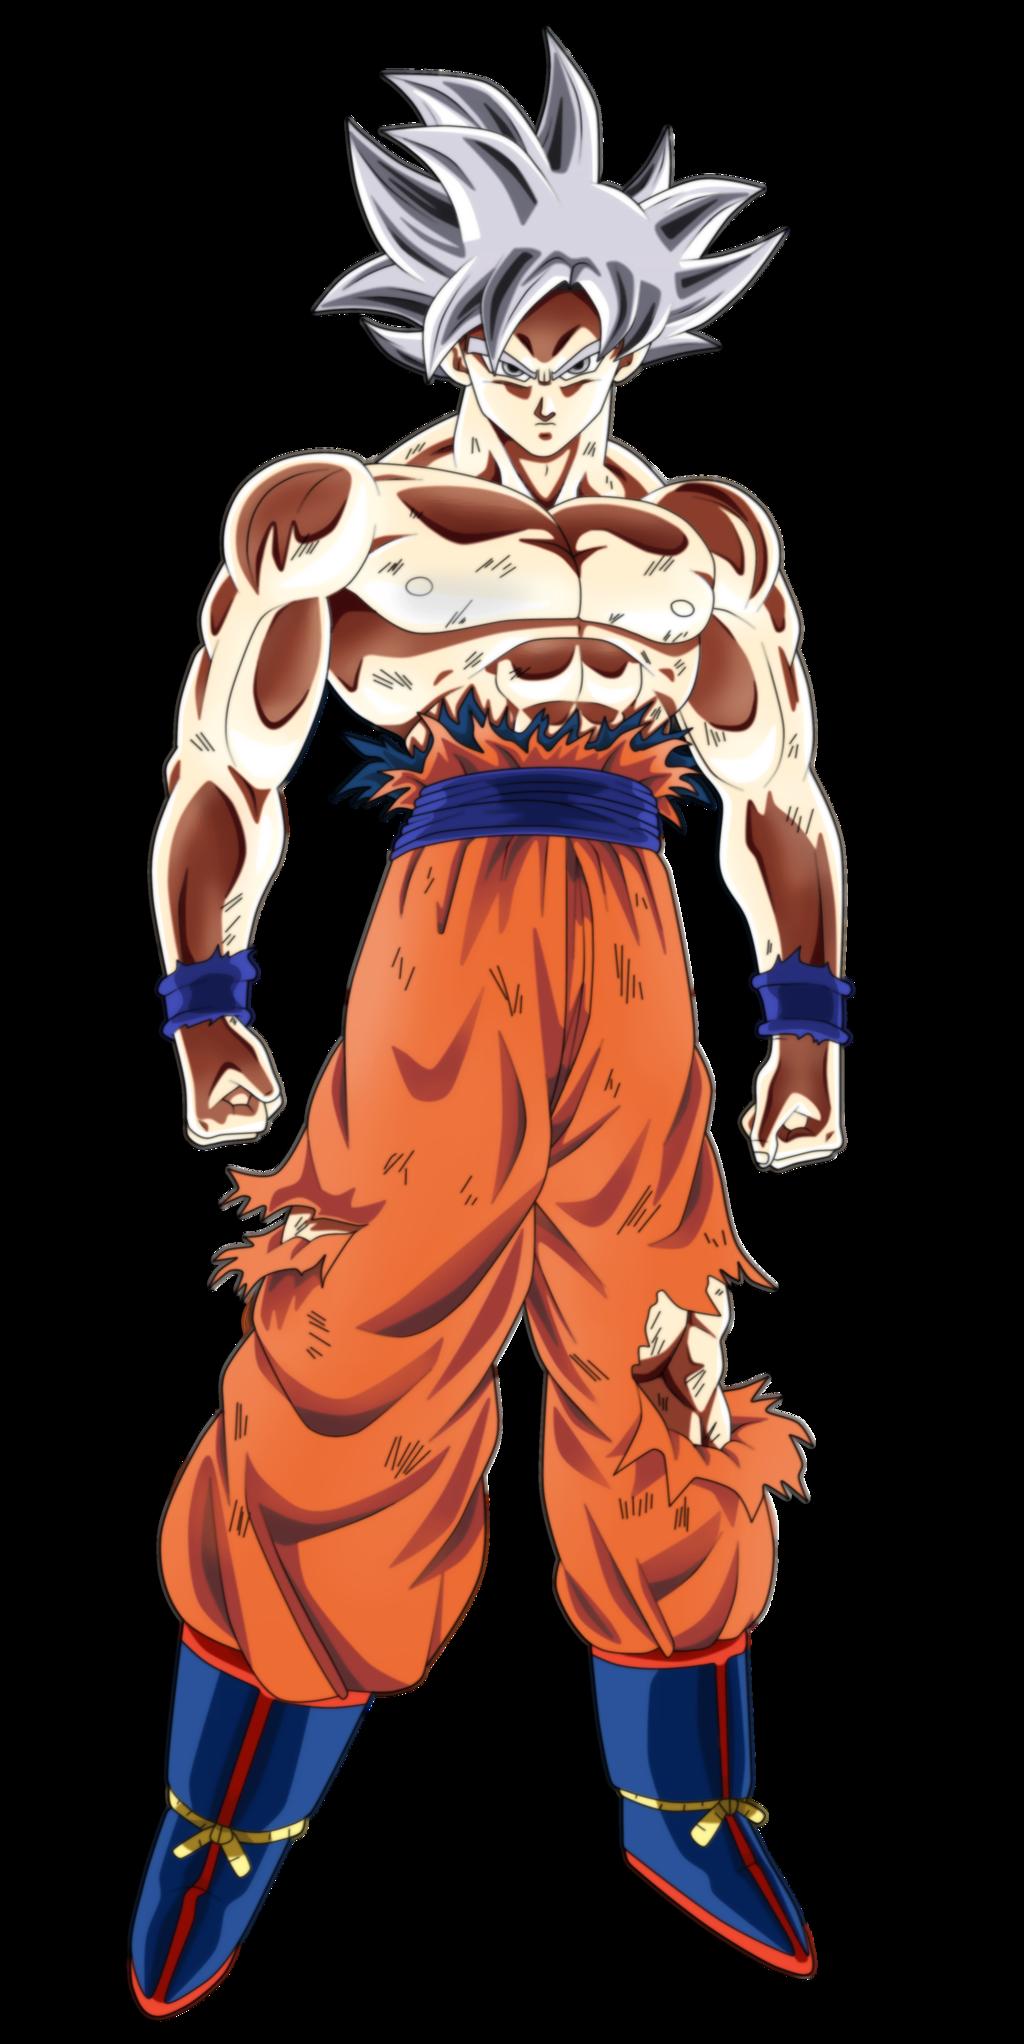 Goku Mastered Migatte No Gokui By Andrewdragonball Dragon Ball Super Manga Dragon Ball Goku Anime Dragon Ball Super